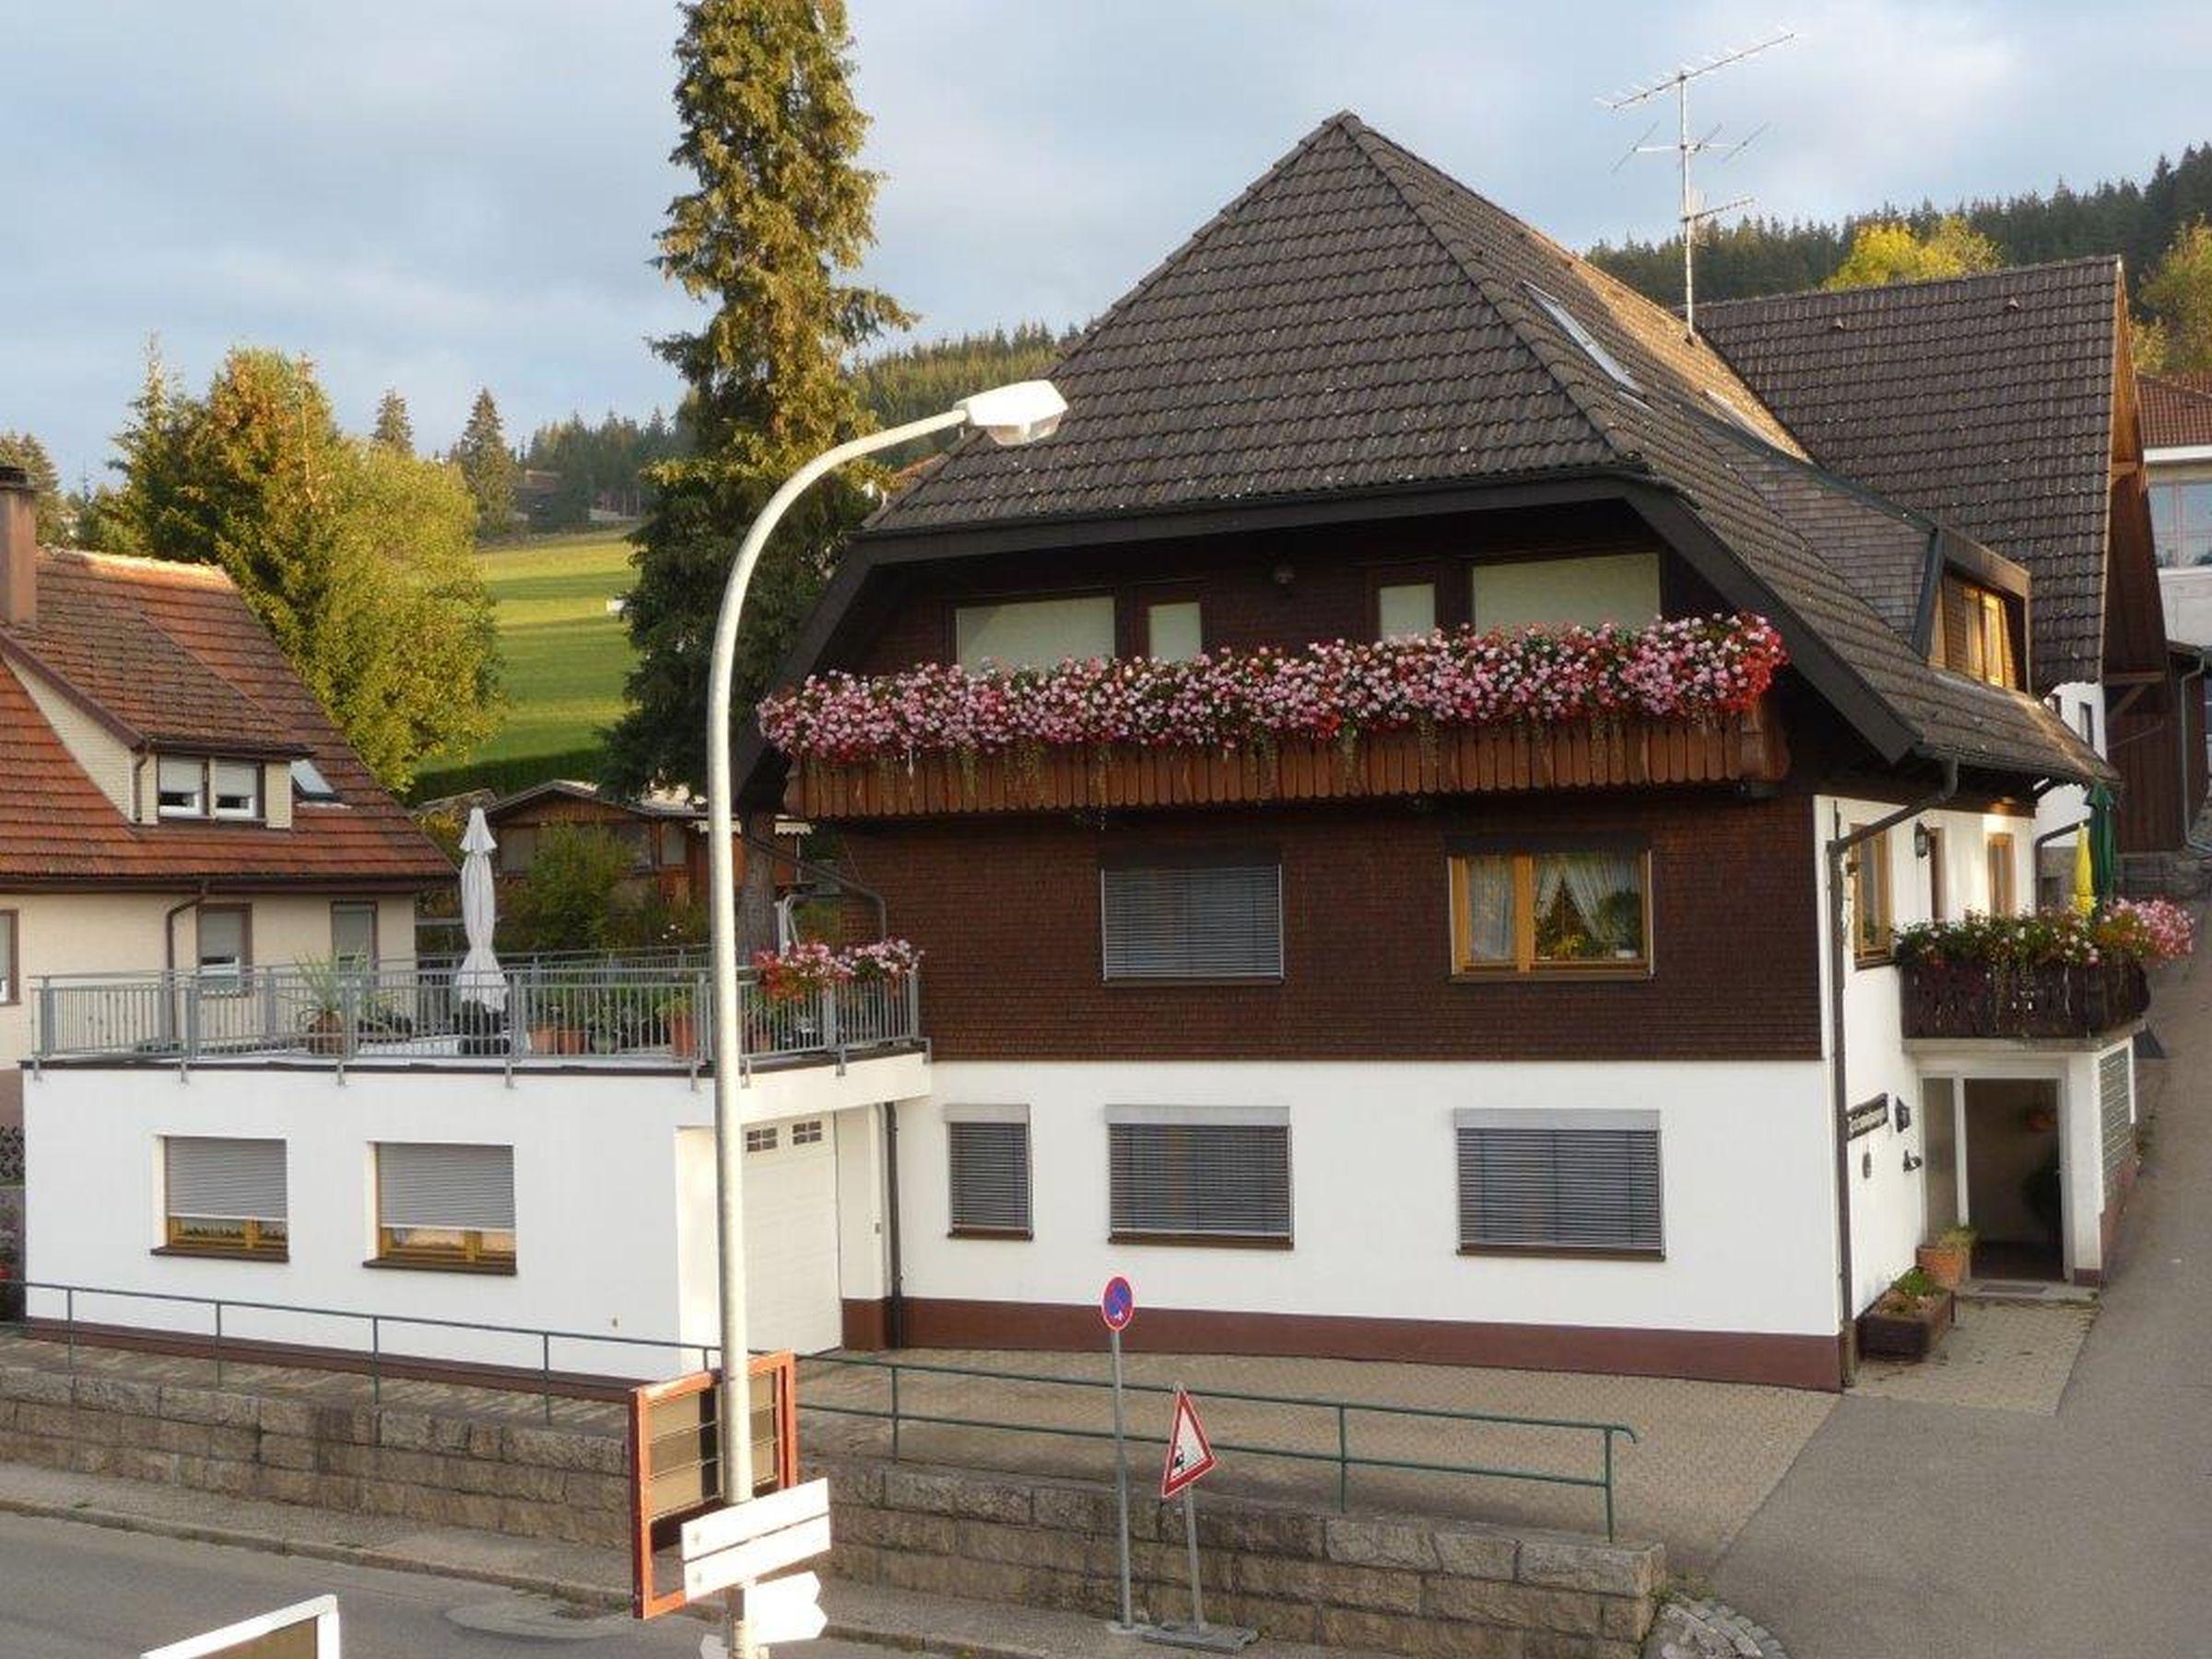 Holiday apartment Beyermann, (Schonach). Ferienwohnung 1, 70qm, 2 Wohn-/Schlafräume, max. 5 Personen (1764474), Schonach, Black Forest, Baden-Württemberg, Germany, picture 1